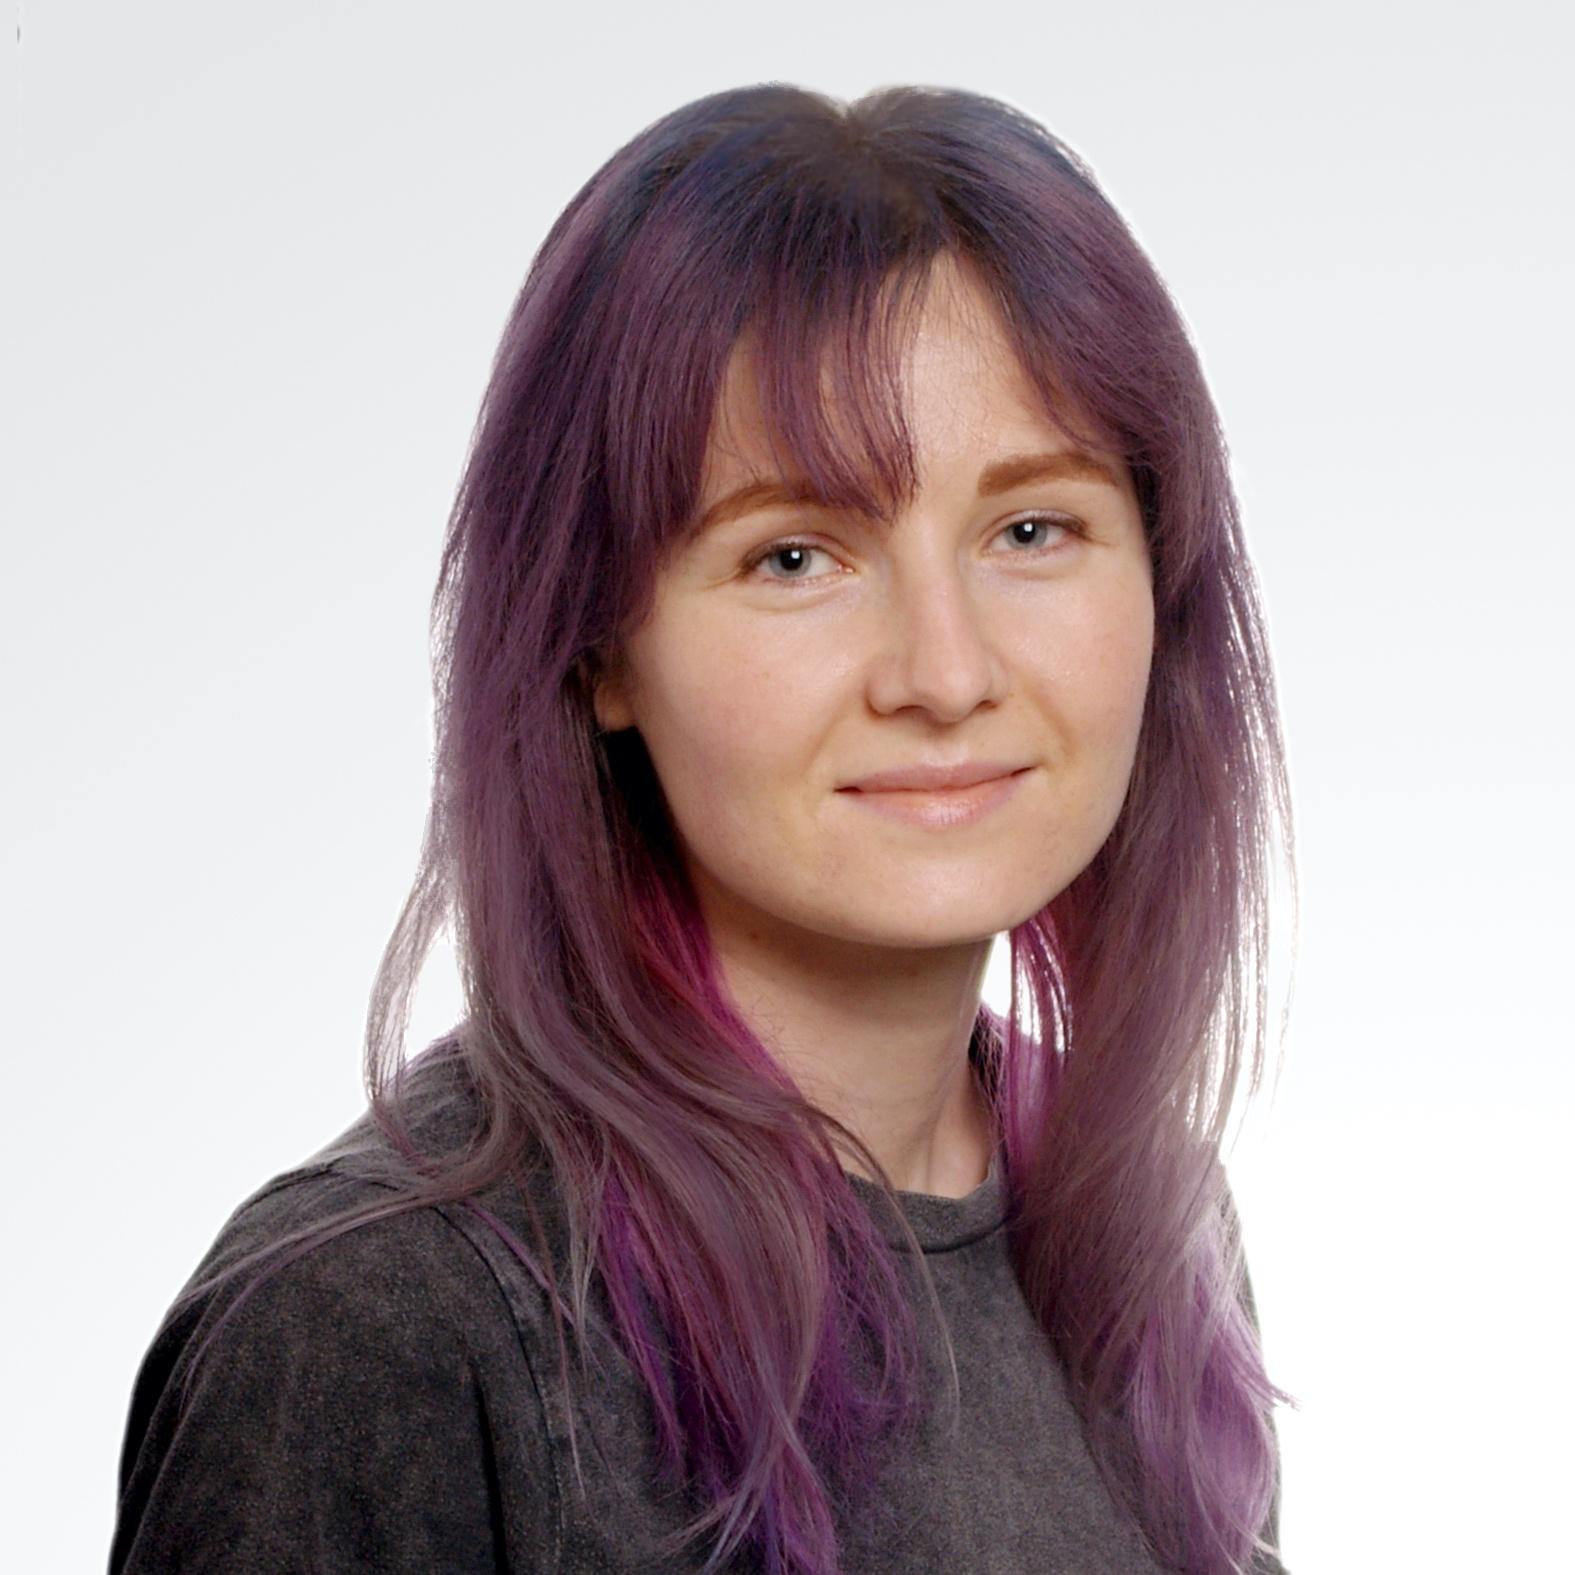 Marina Bezverhneaia